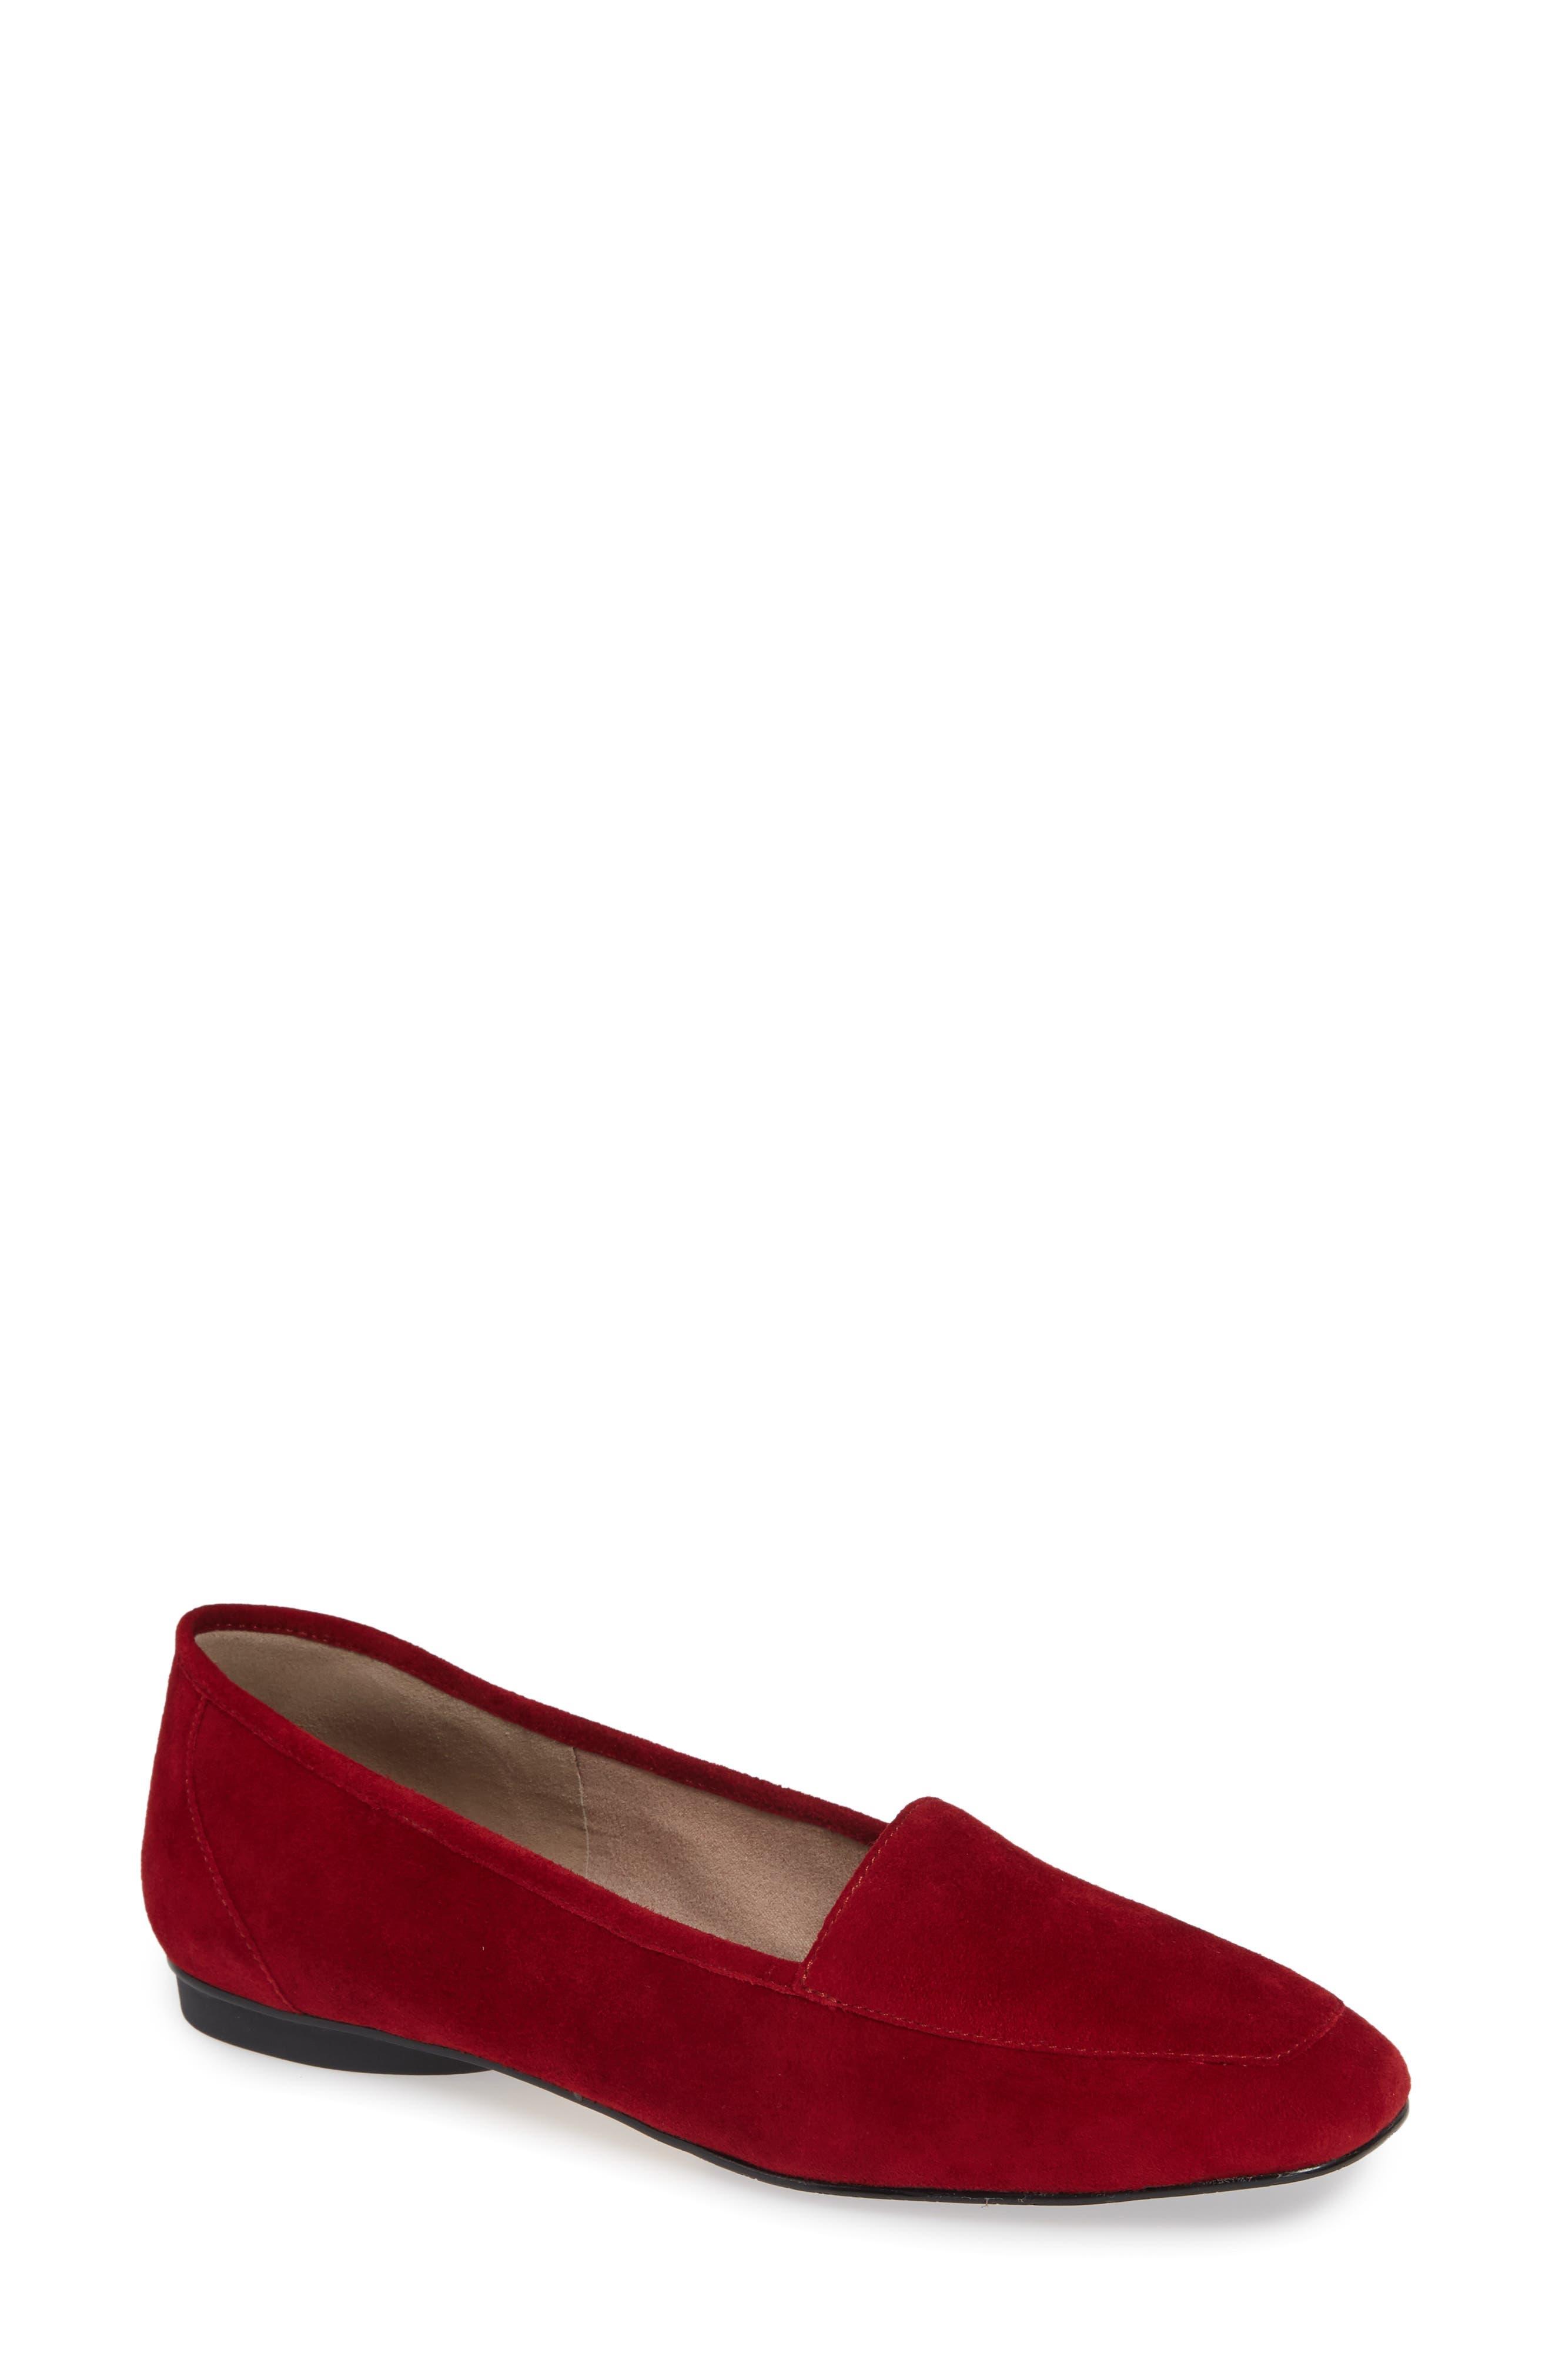 Donald Pliner Deedee Apron Toe Flat, Red